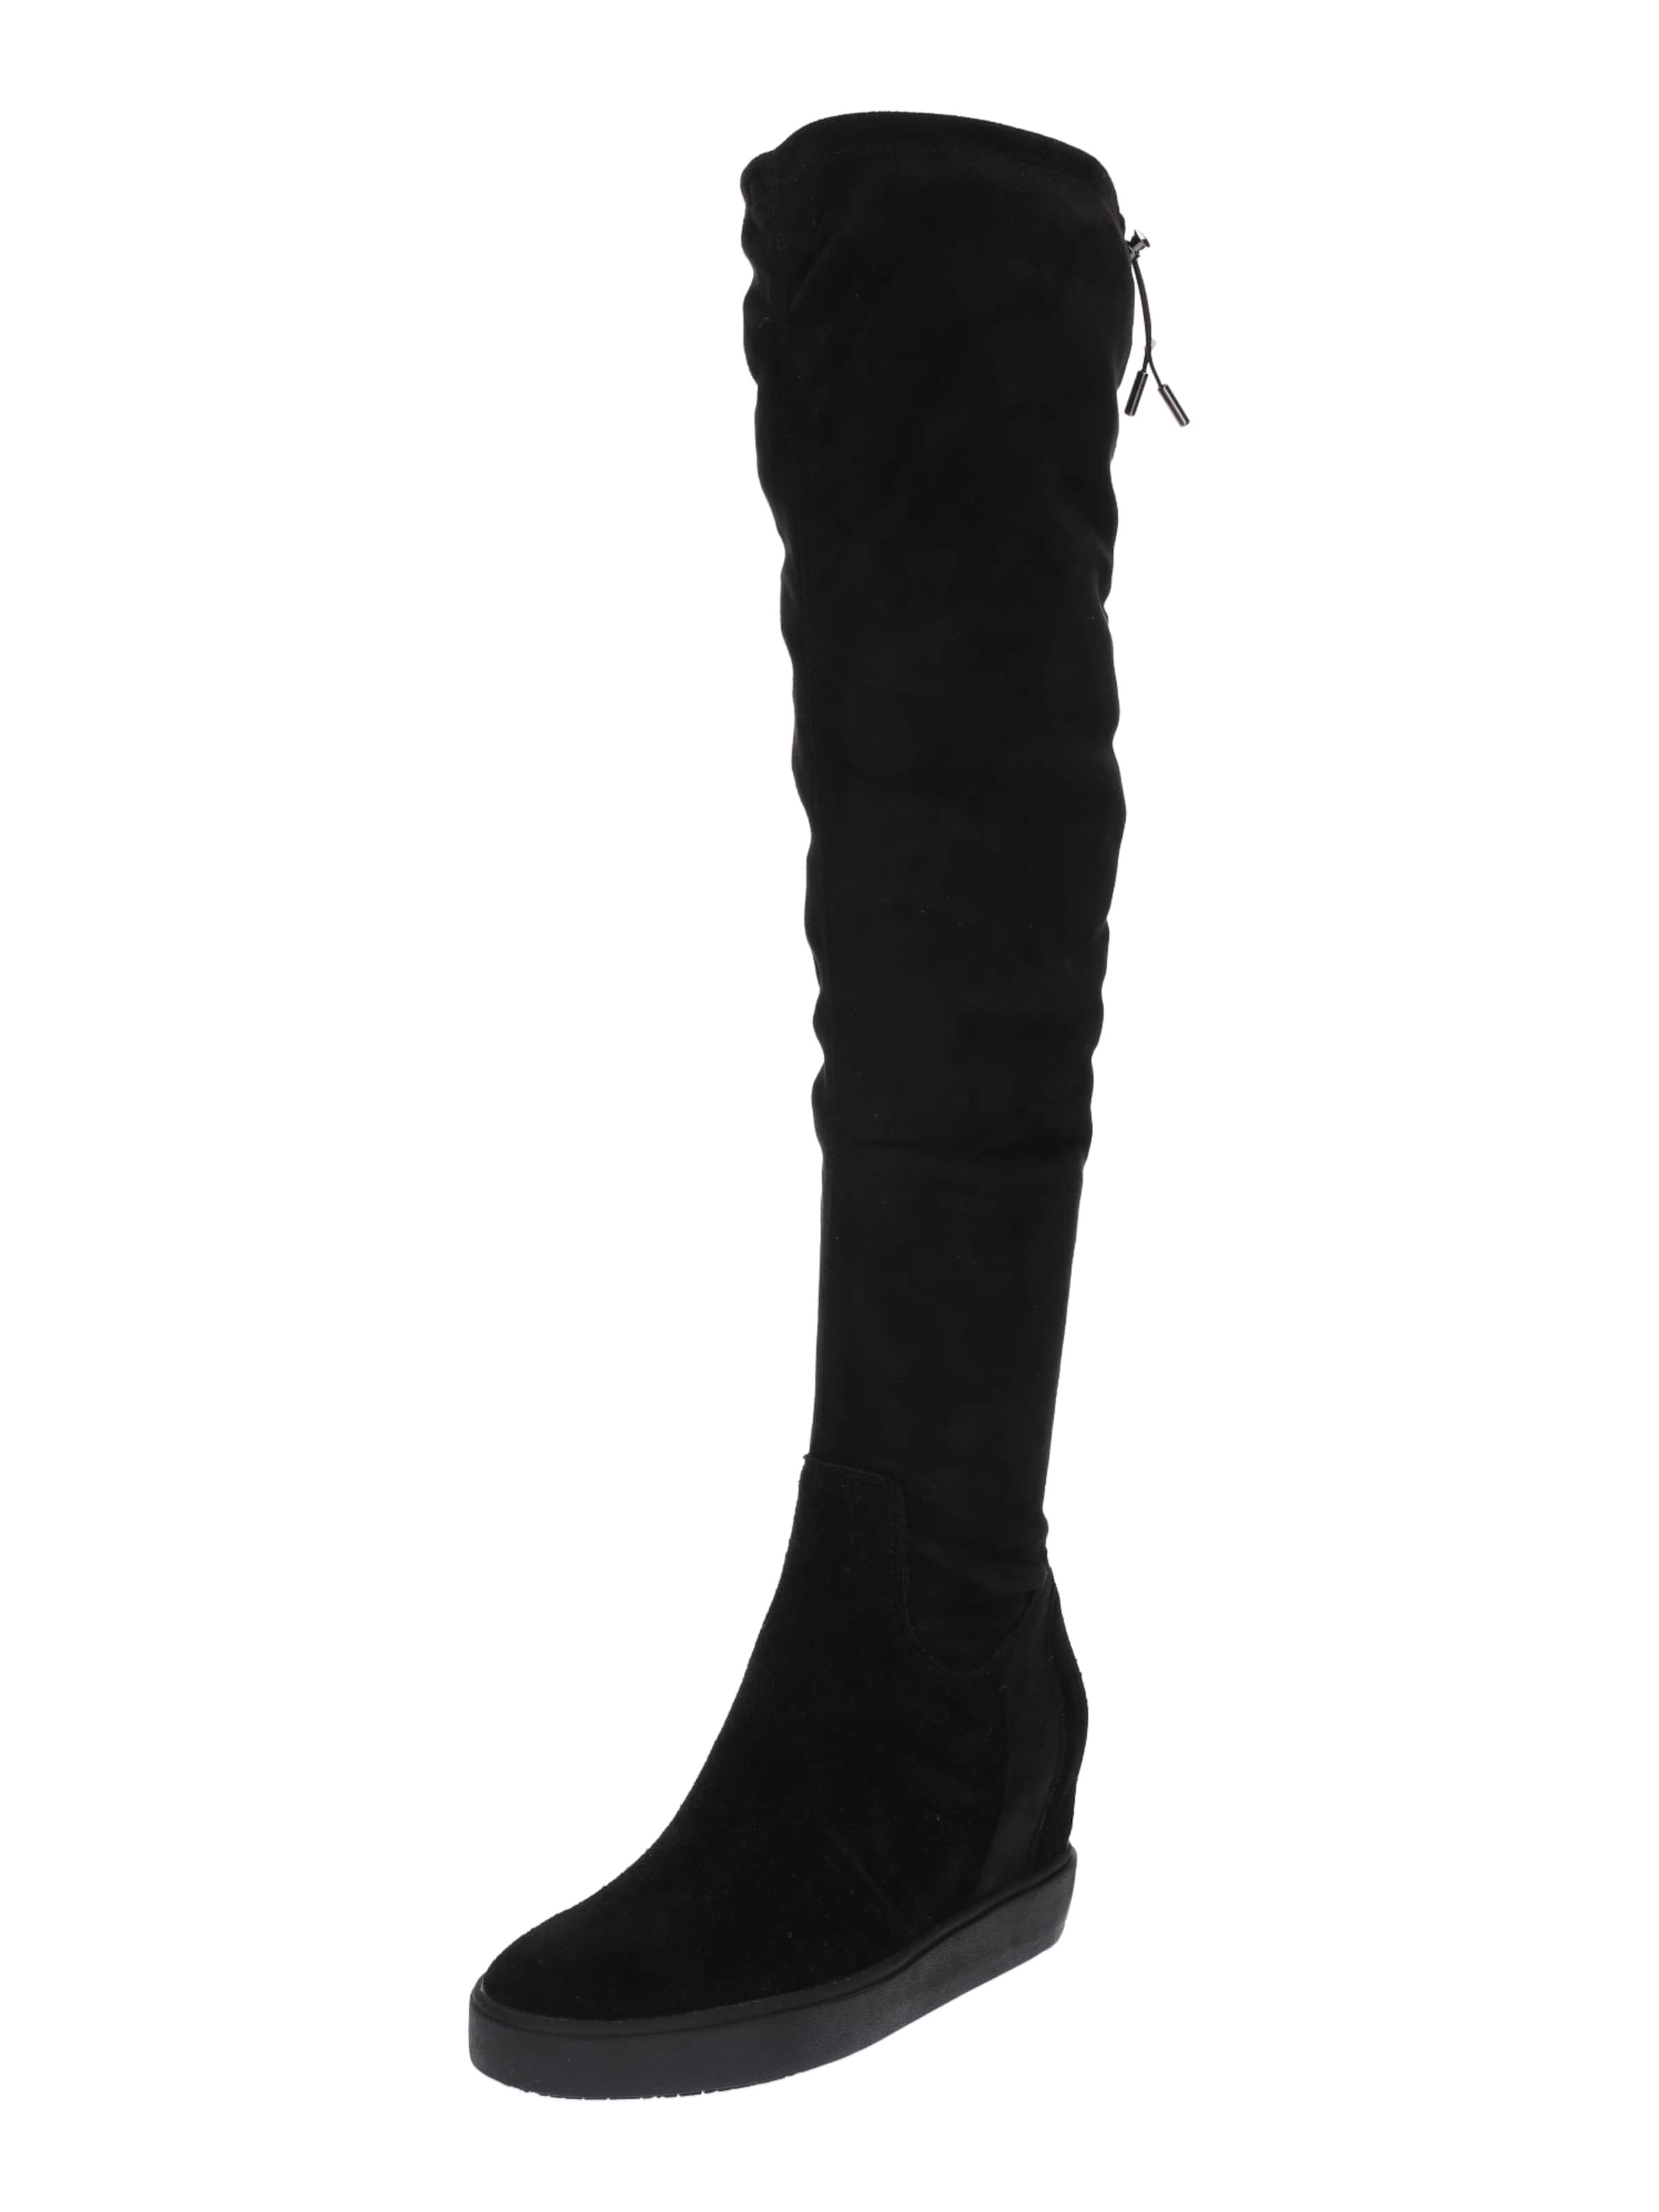 GUESS Overknee-Wedges FELICIA2 Verschleißfeste billige Schuhe